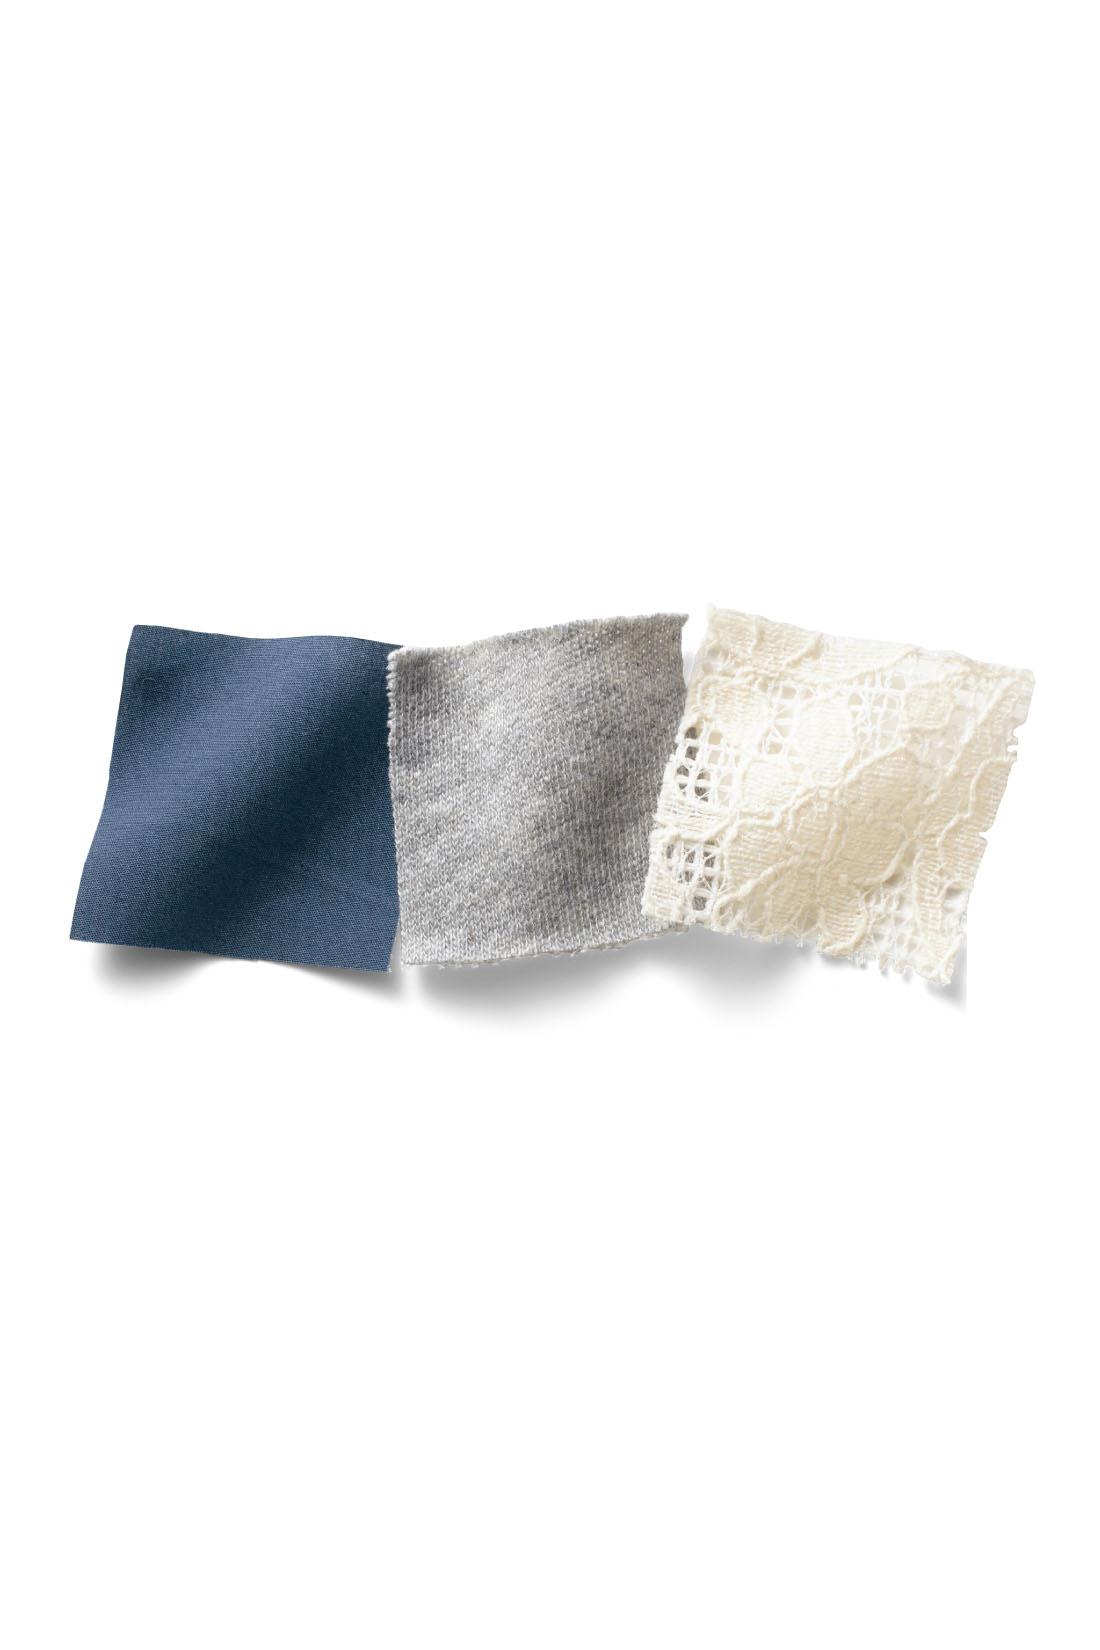 肌にふれるトップス部分はやわらかく伸びやかなミニ裏毛素材。スカート部分はほどよいハリのある軽やかなコットン。 ※お届けするカラーとは異なります。